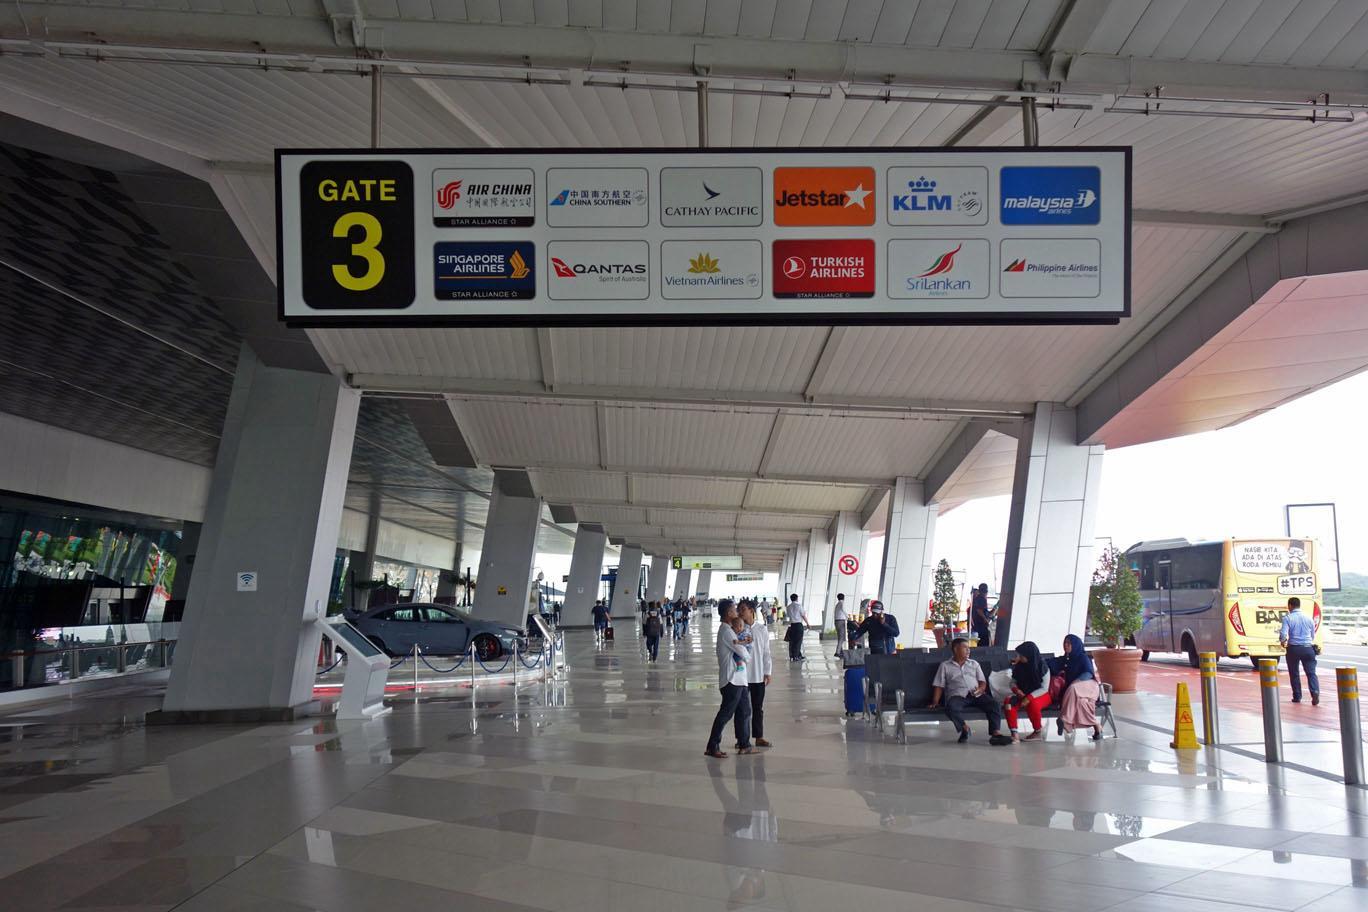 Обзор: Garuda Indonesia Lounge, Джакарта